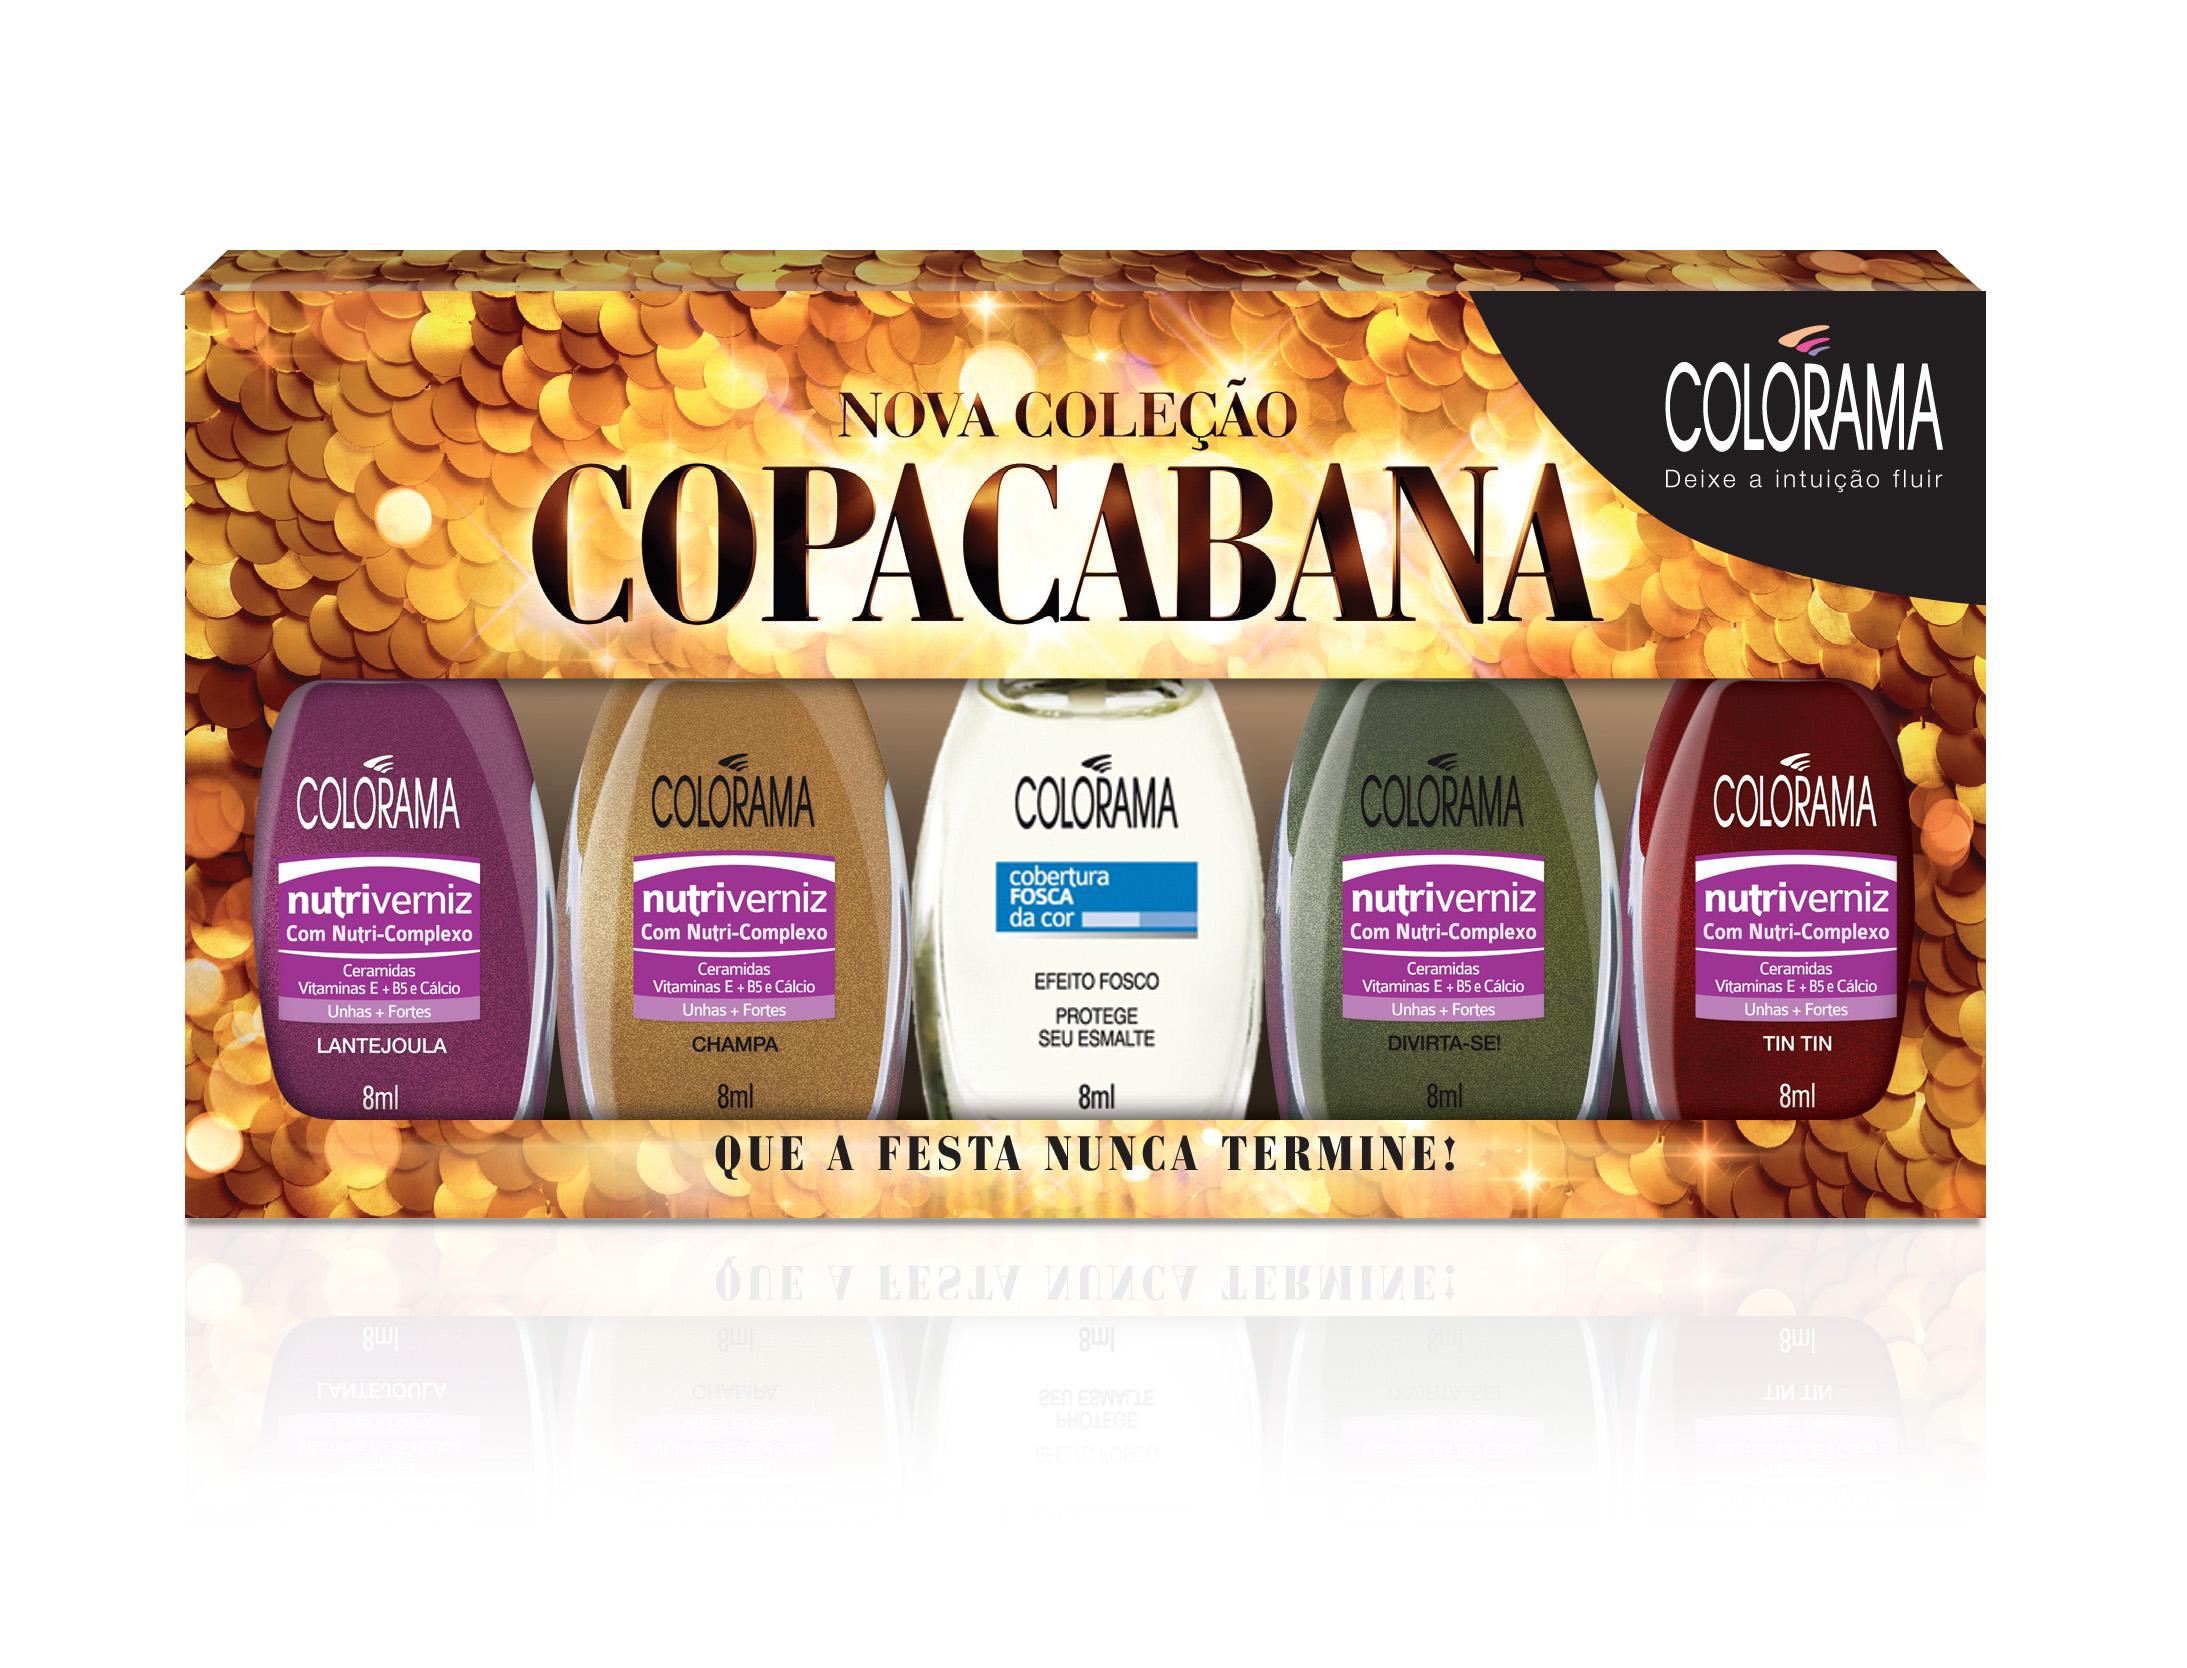 pack Colorama_flatten